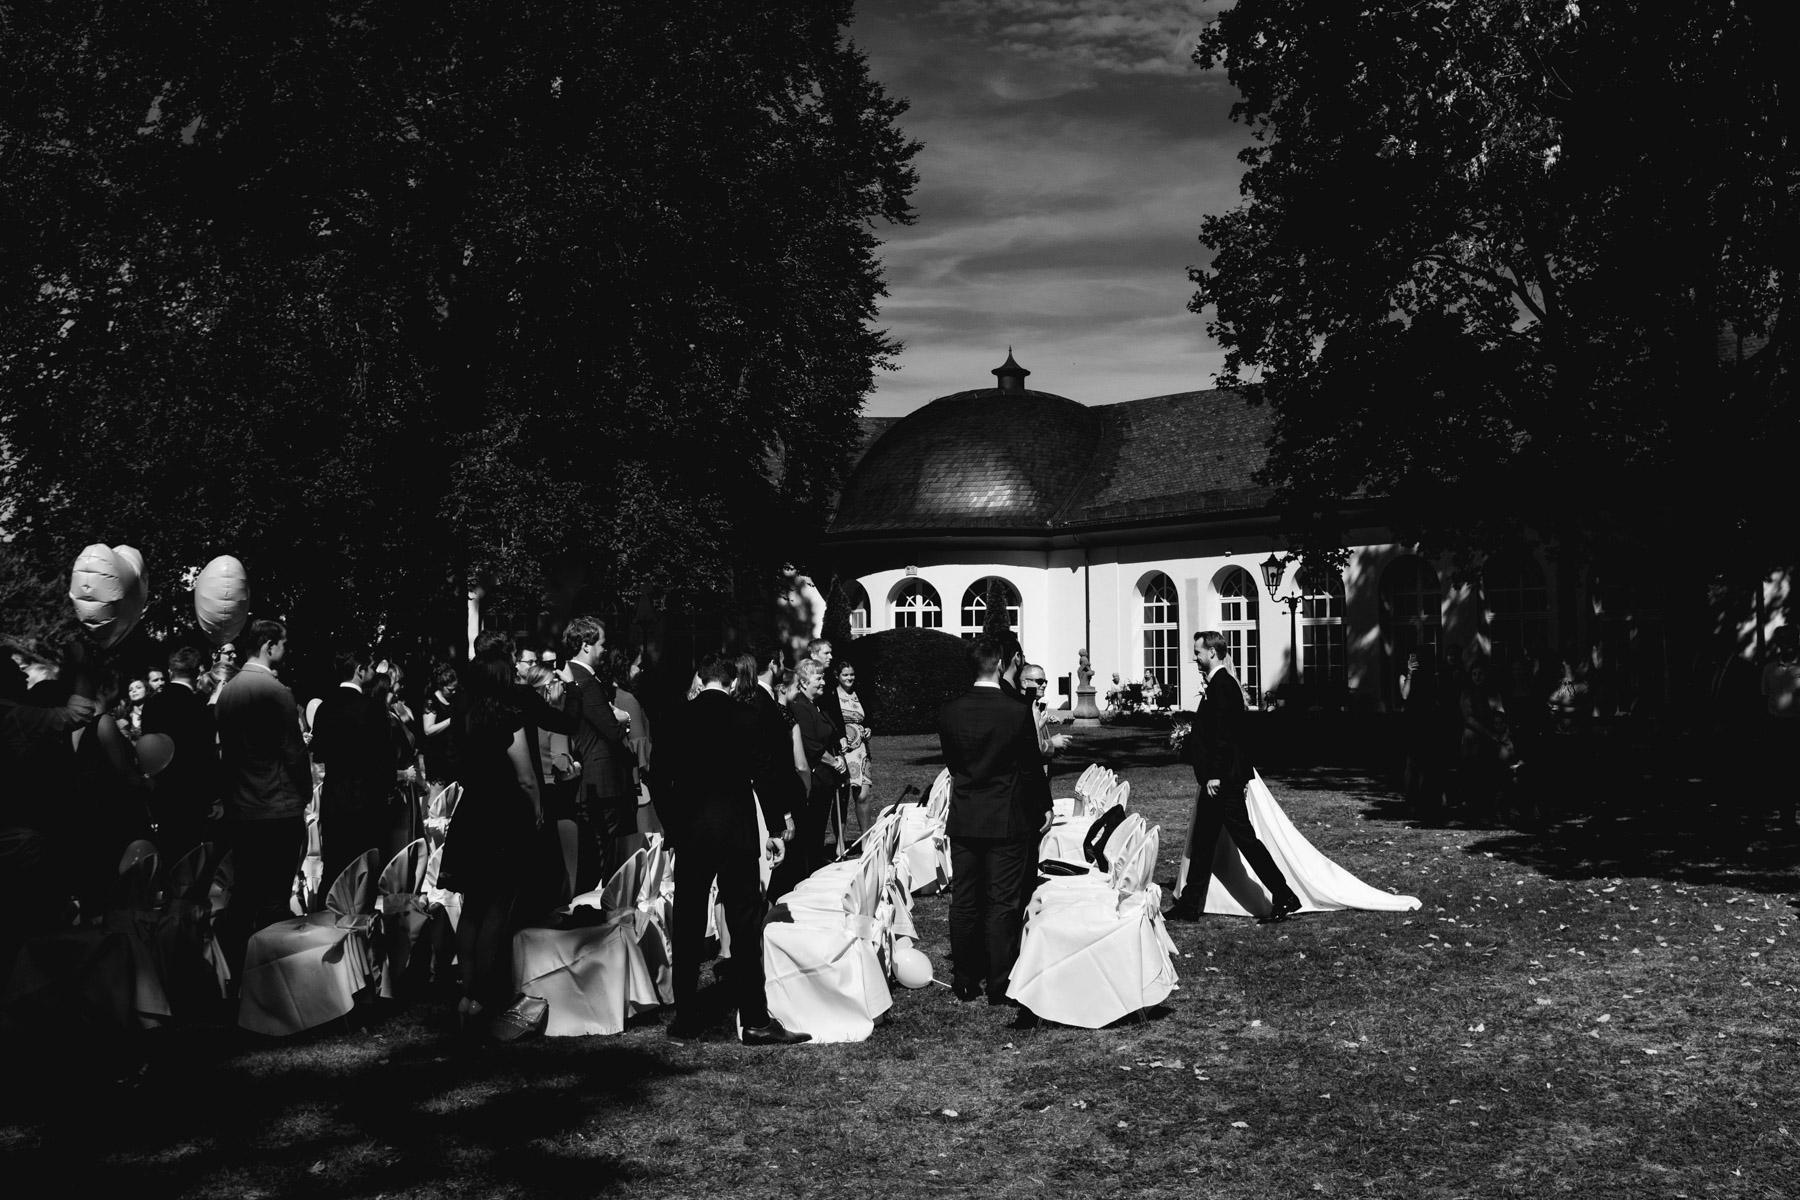 MartinLiebl_Kein_Hochzeitsfotograf_Blog_CWF_Bad_Neustadt_30.jpg